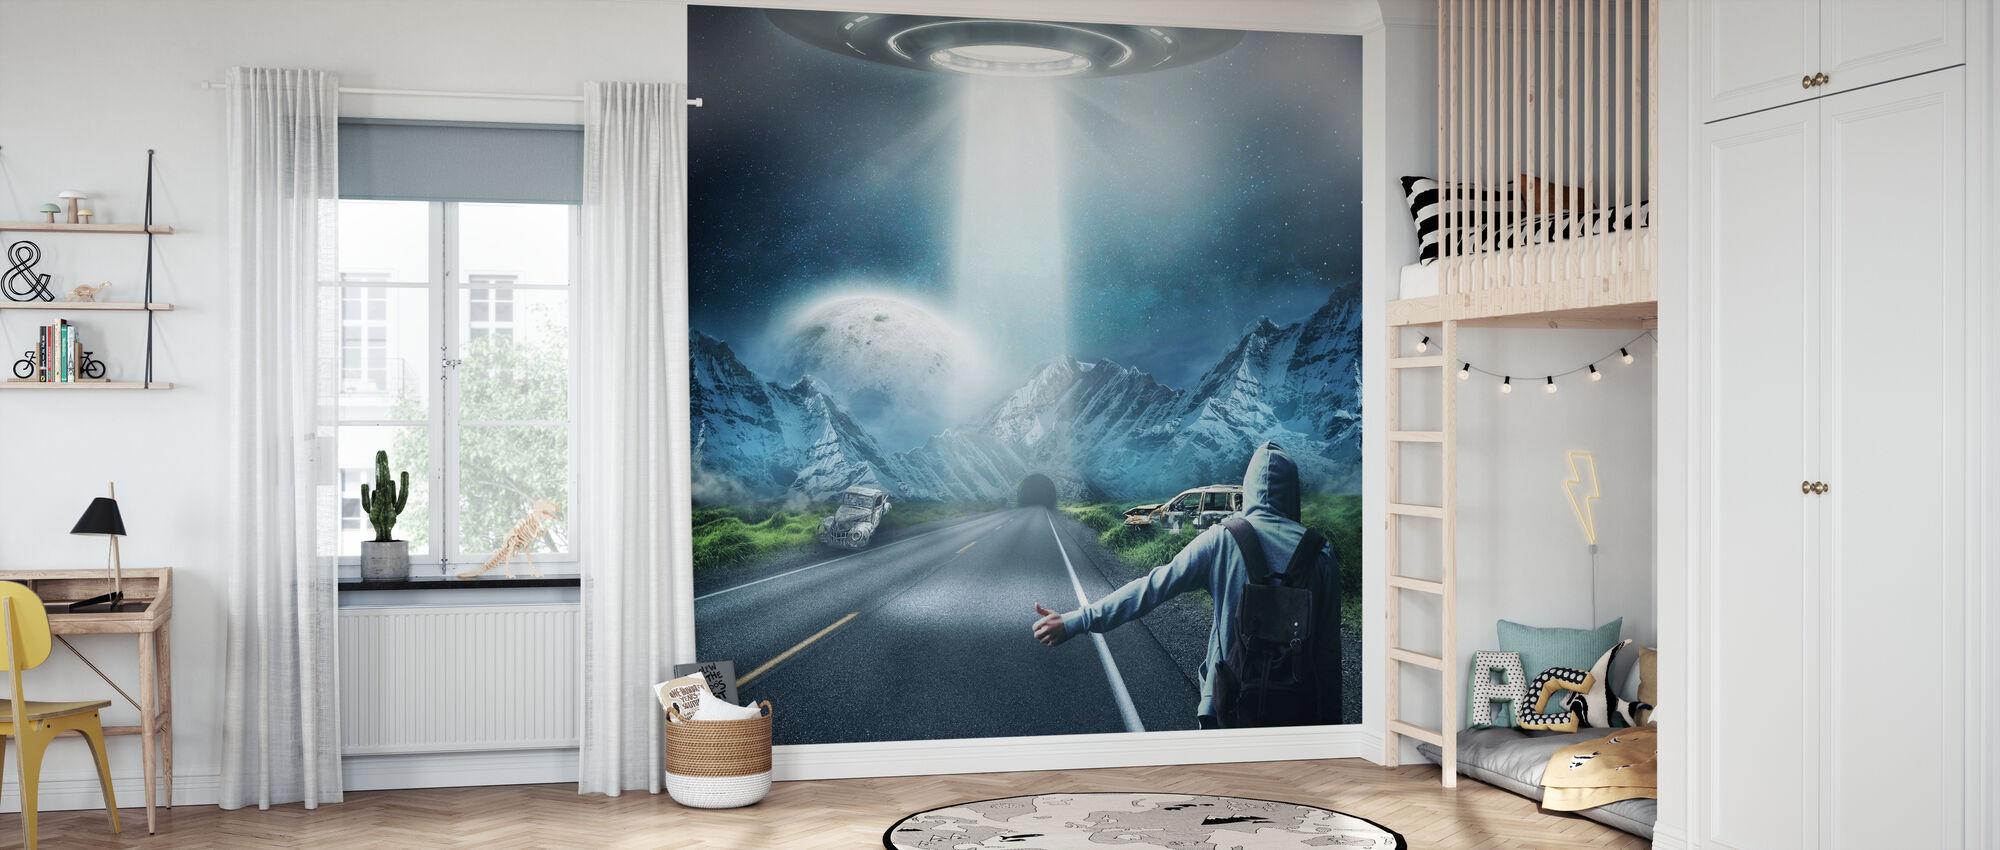 UFO Fantasy - Wallpaper - Kids Room